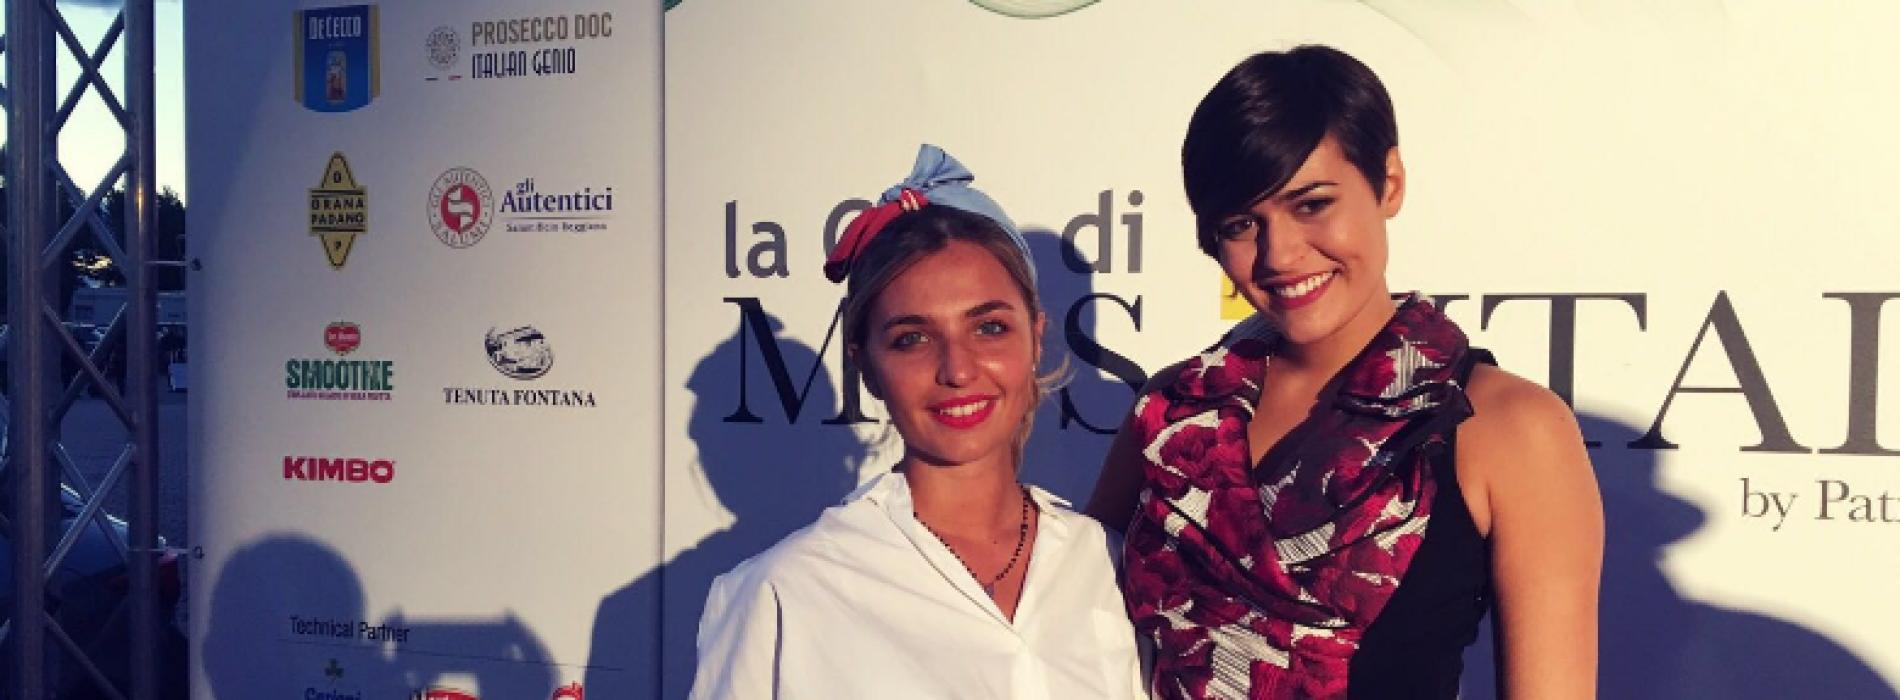 Tenuta Fontana. Dalla Biennale alla Casa di Miss Italia